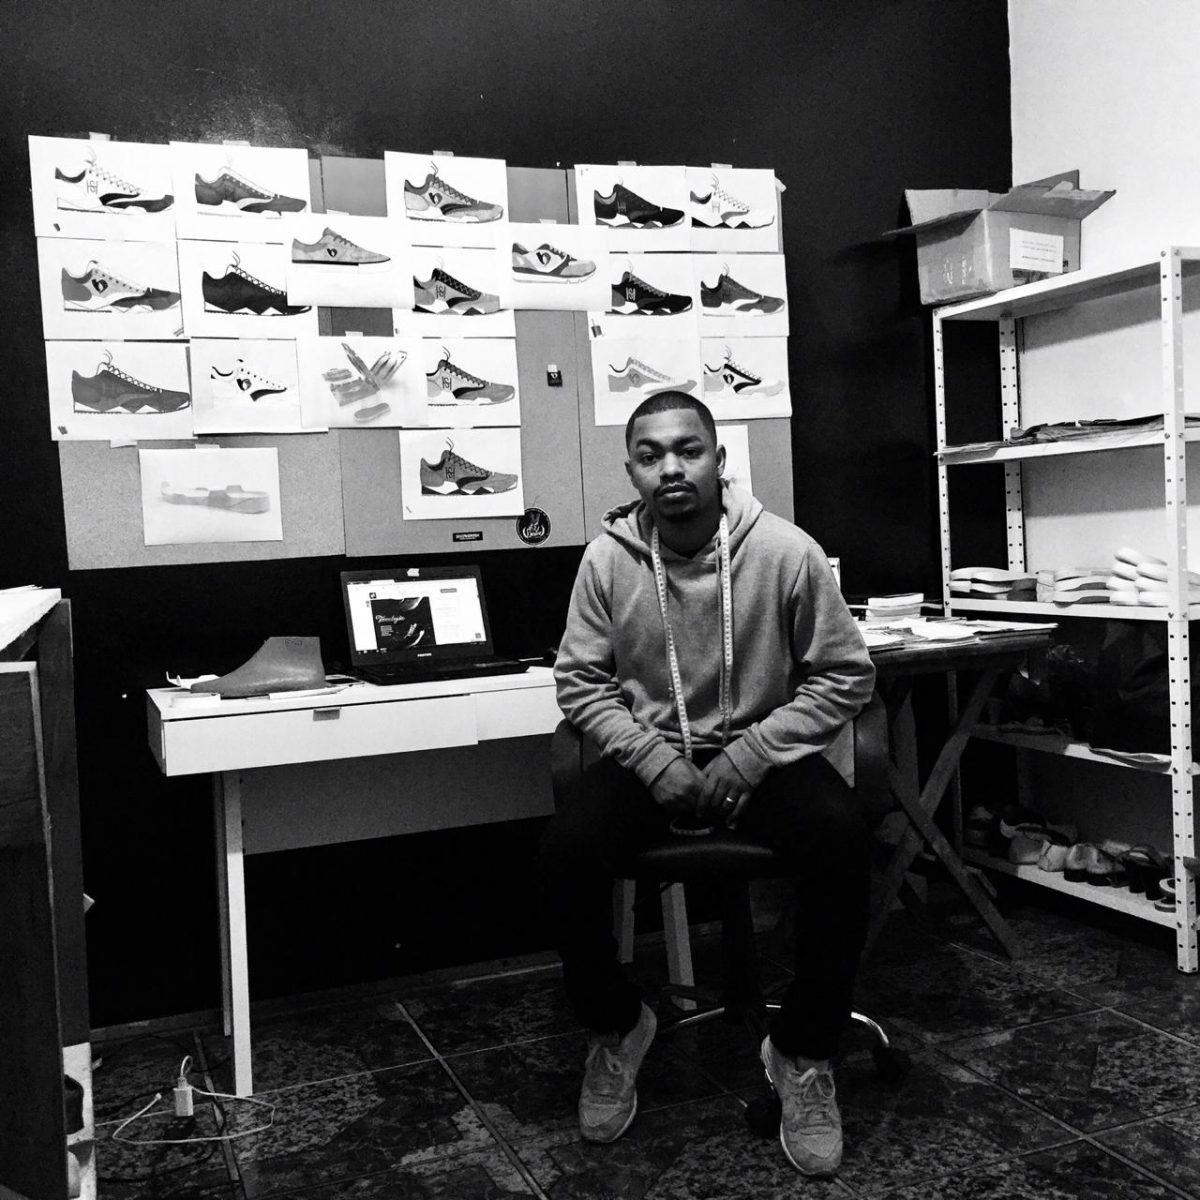 swbr entrevista hearts footwear 2 - SWBR entrevista Luis Henrique da Hearts Footwear